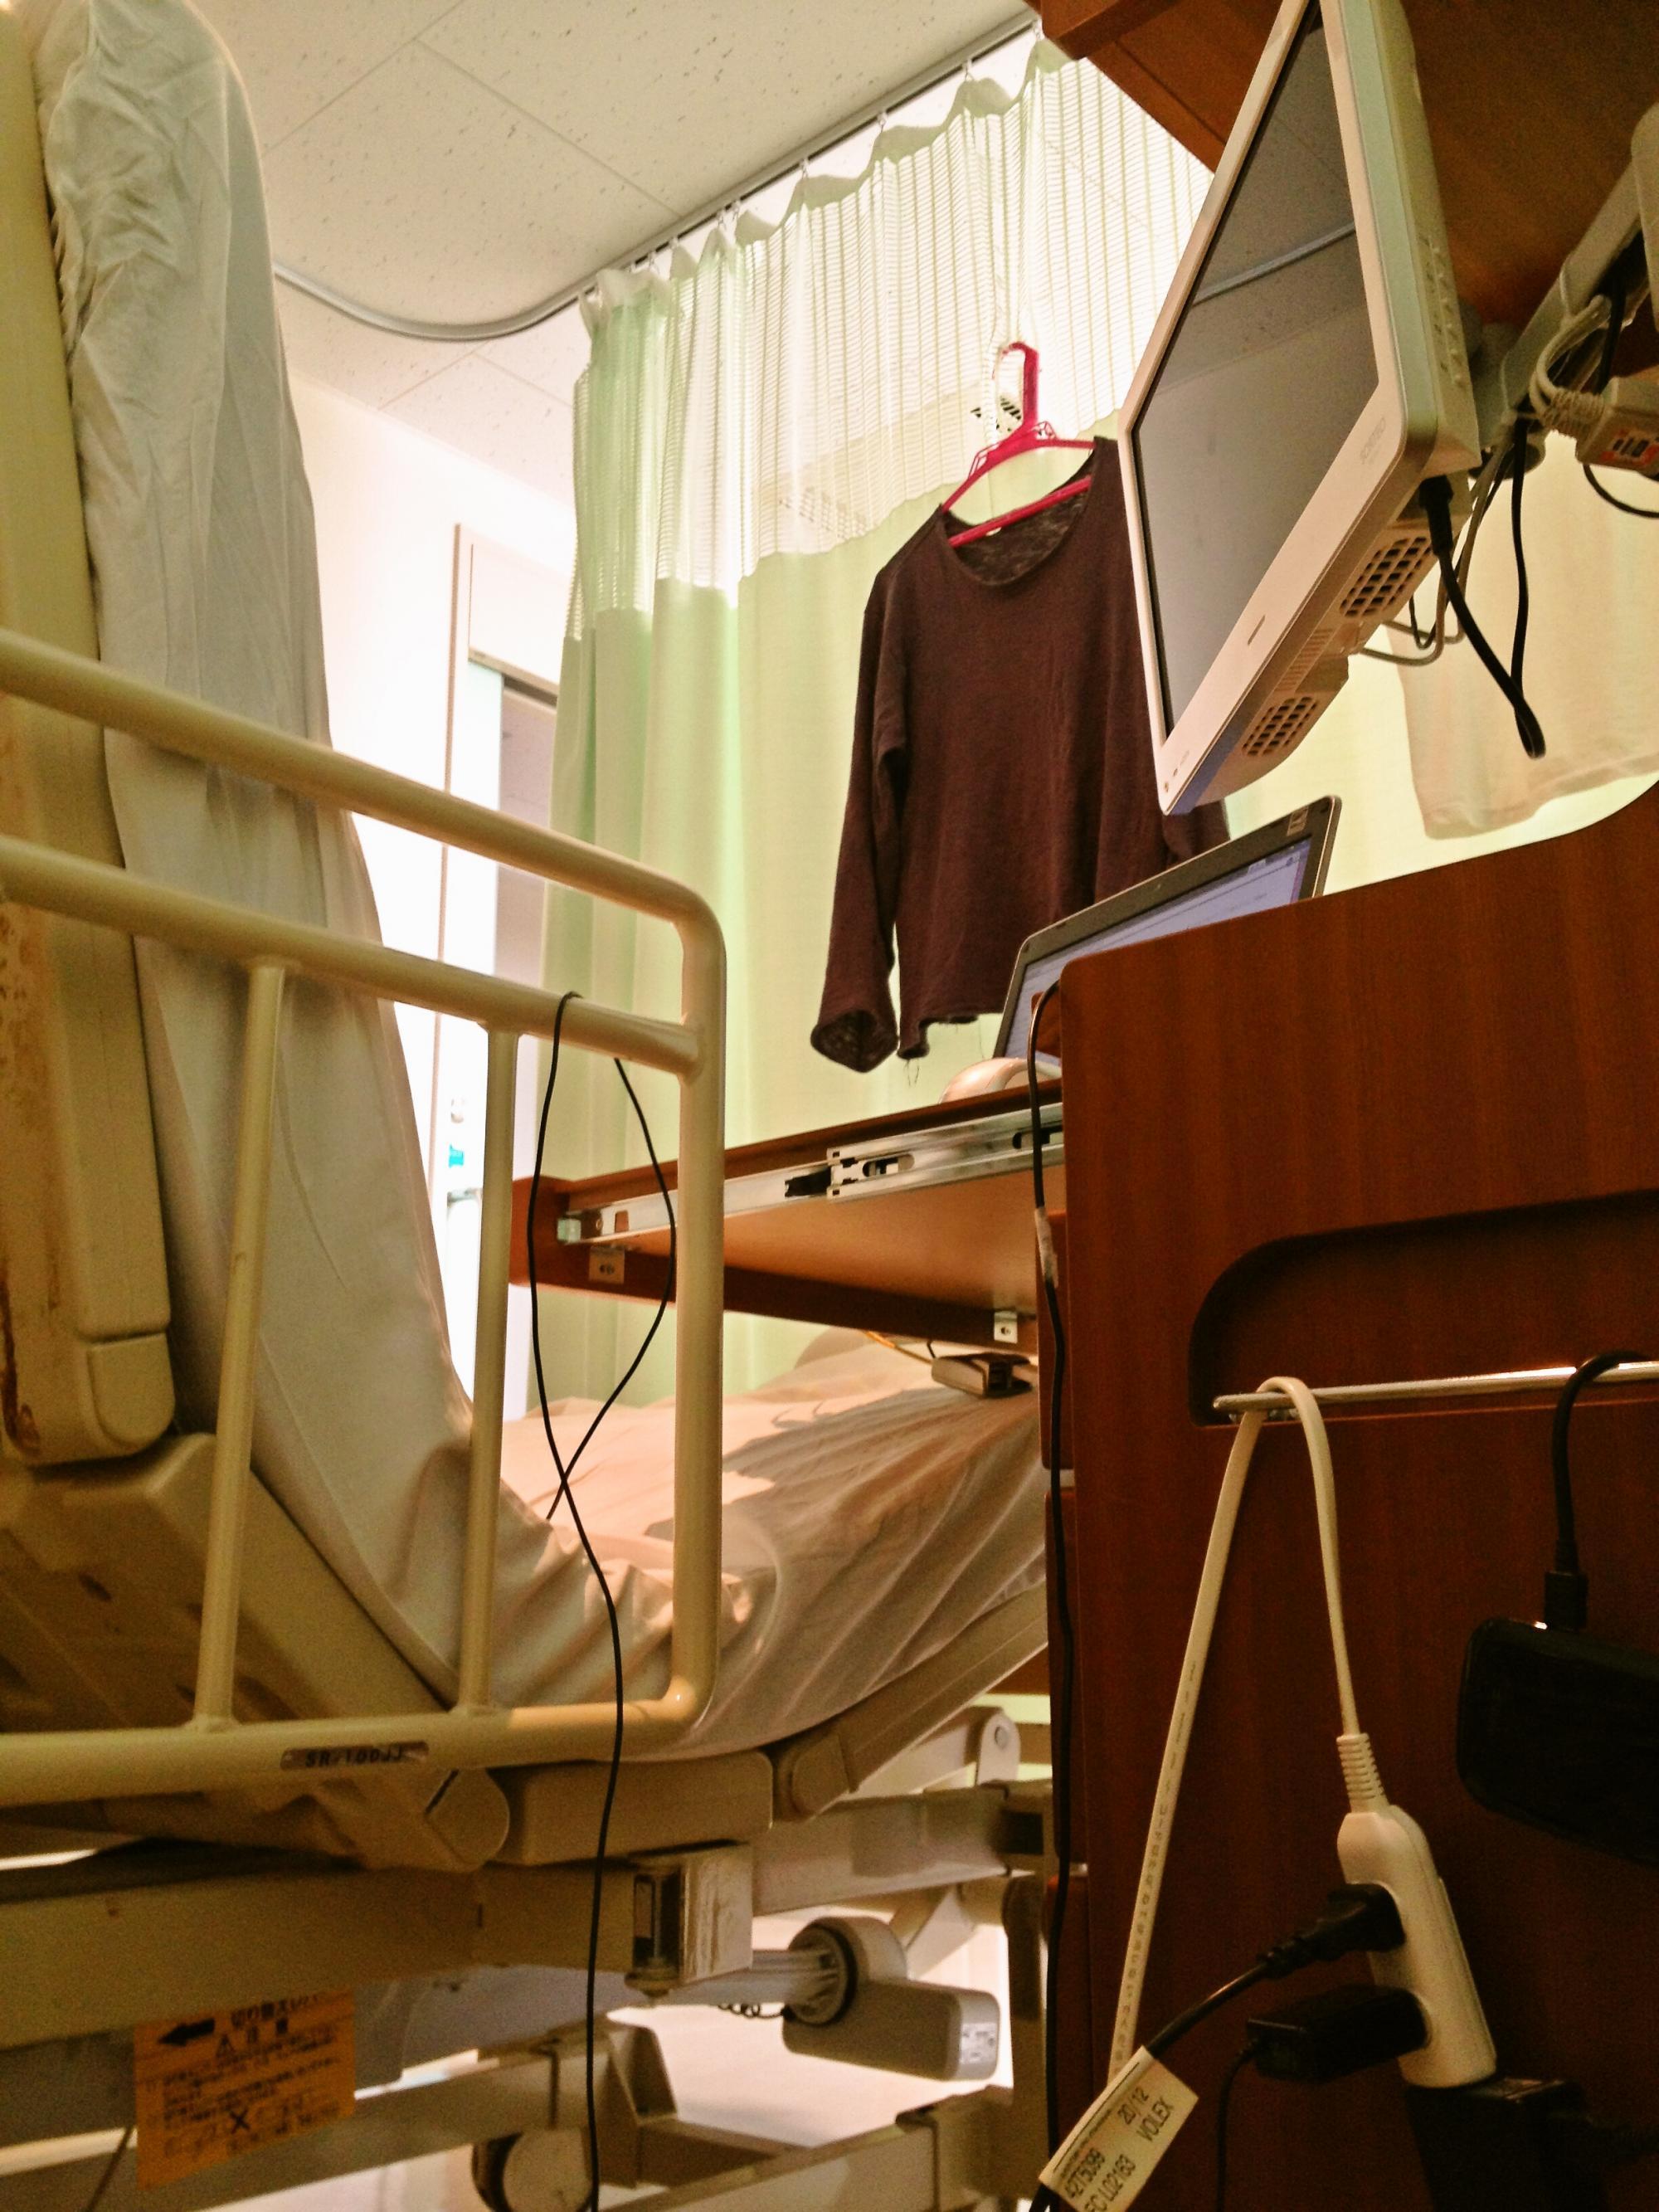 部室化する病室